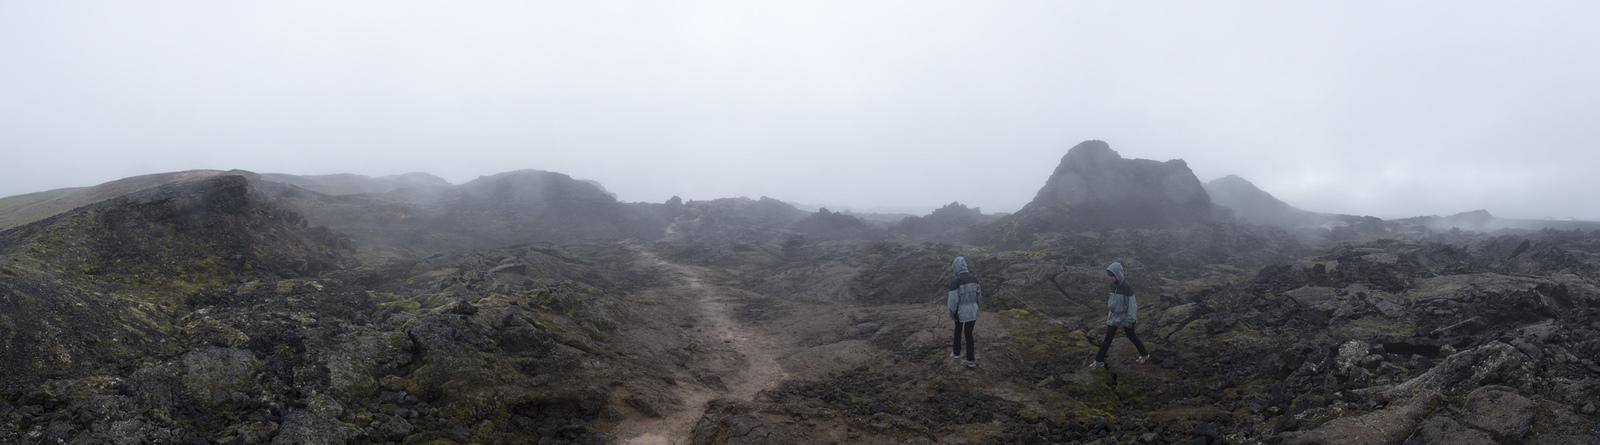 Leirhnjukur: walking through the steaming lava field